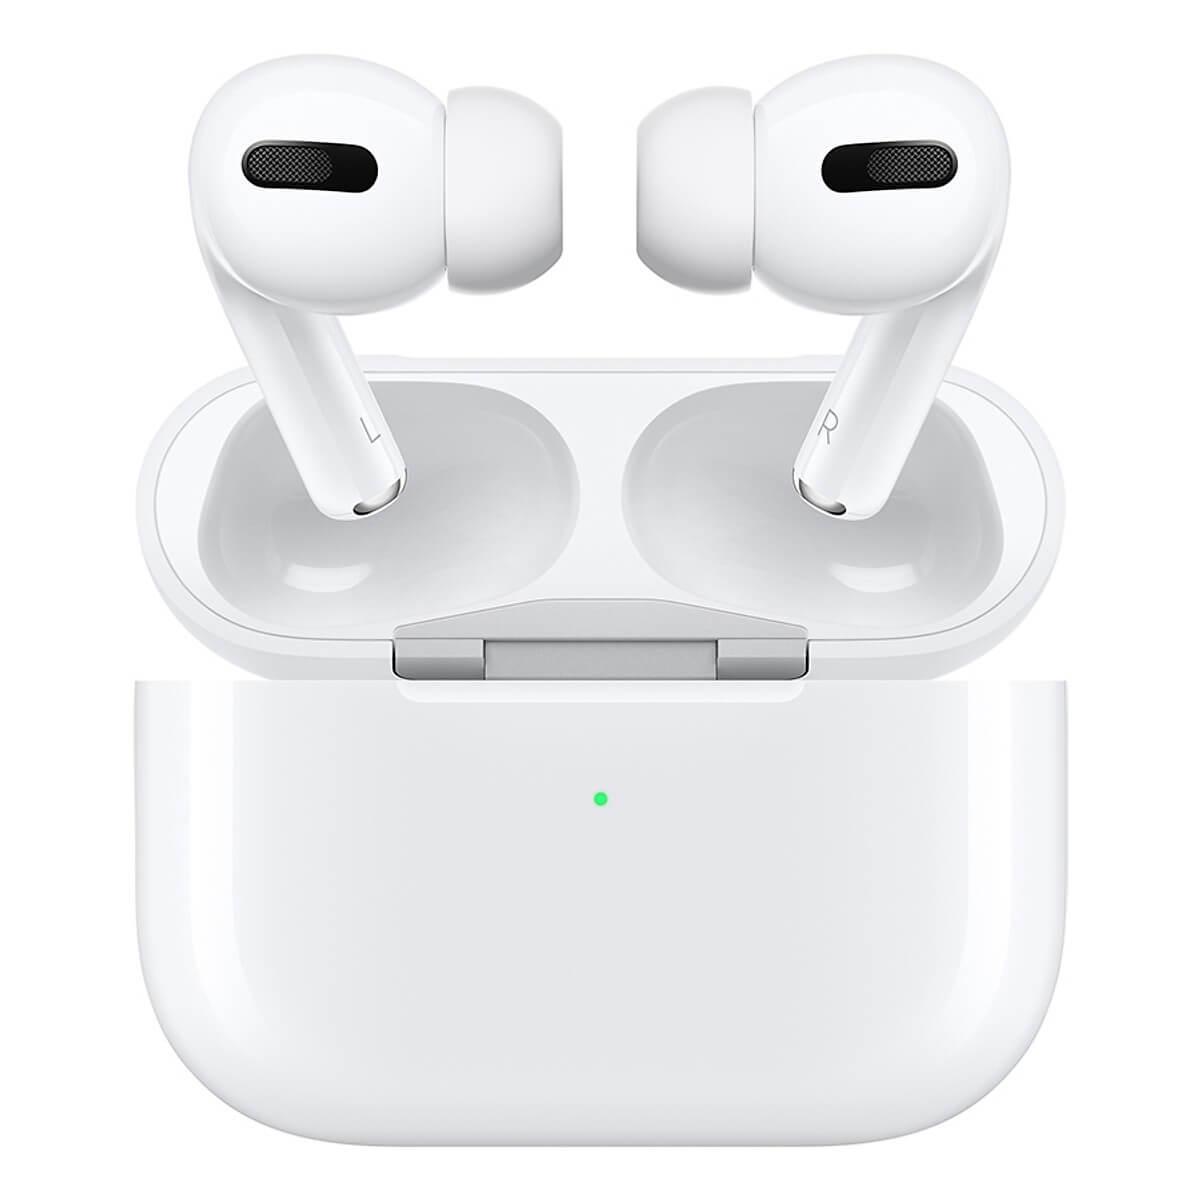 Tai Nghe Bluetooth Apple AirPods Pro True Wireless - Hàng Chính Hãng New Seal